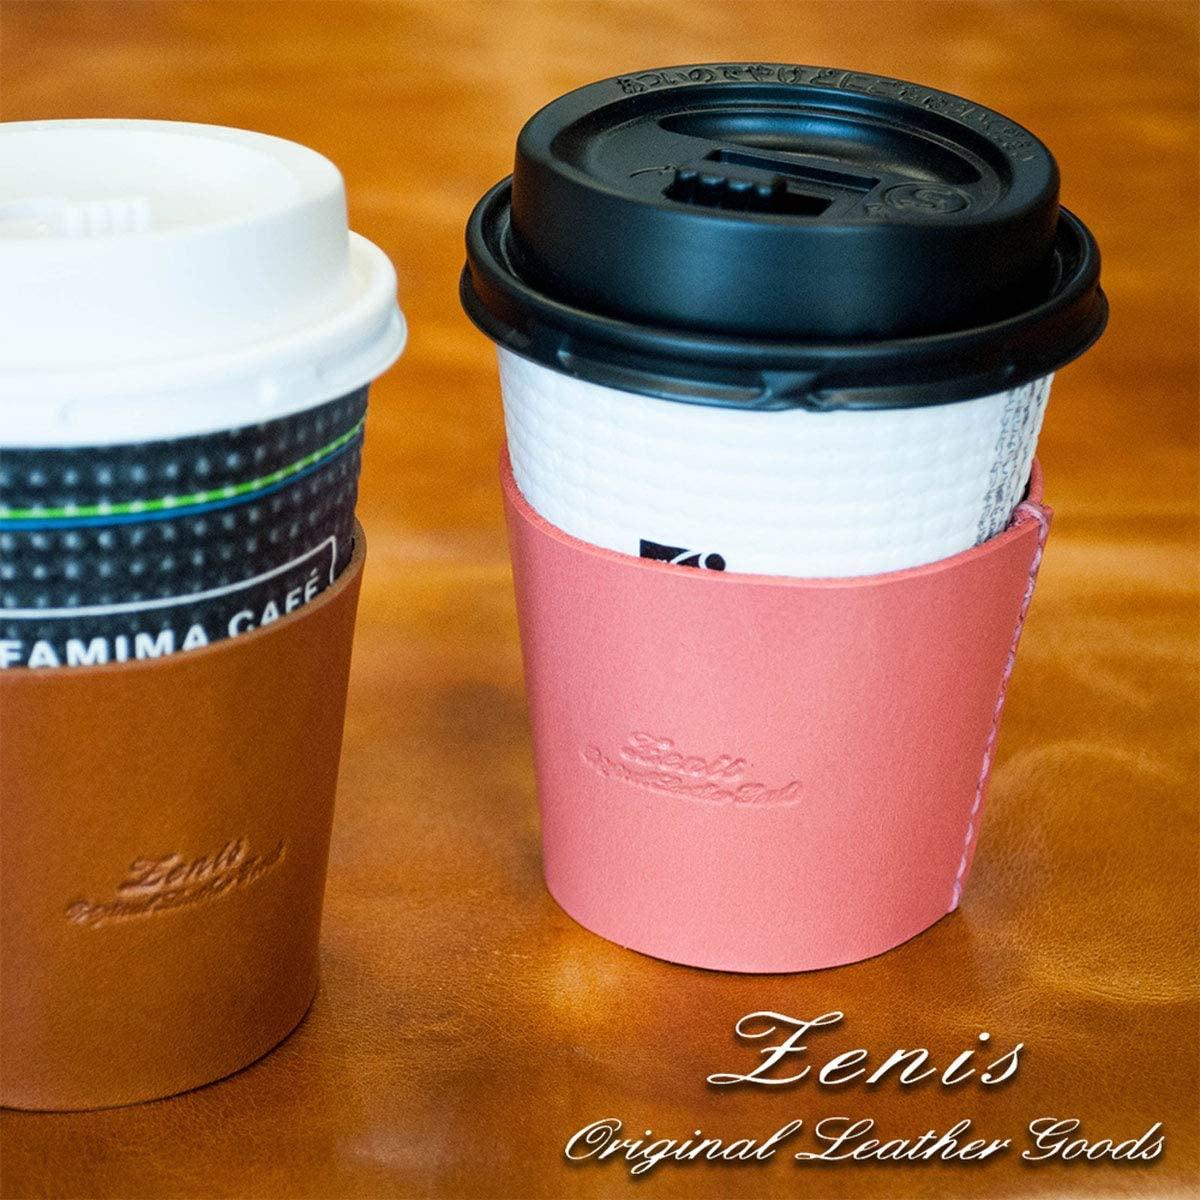 Zenis(ゼニス)ナチュラルレザー カップホルダー B-0127の商品画像9